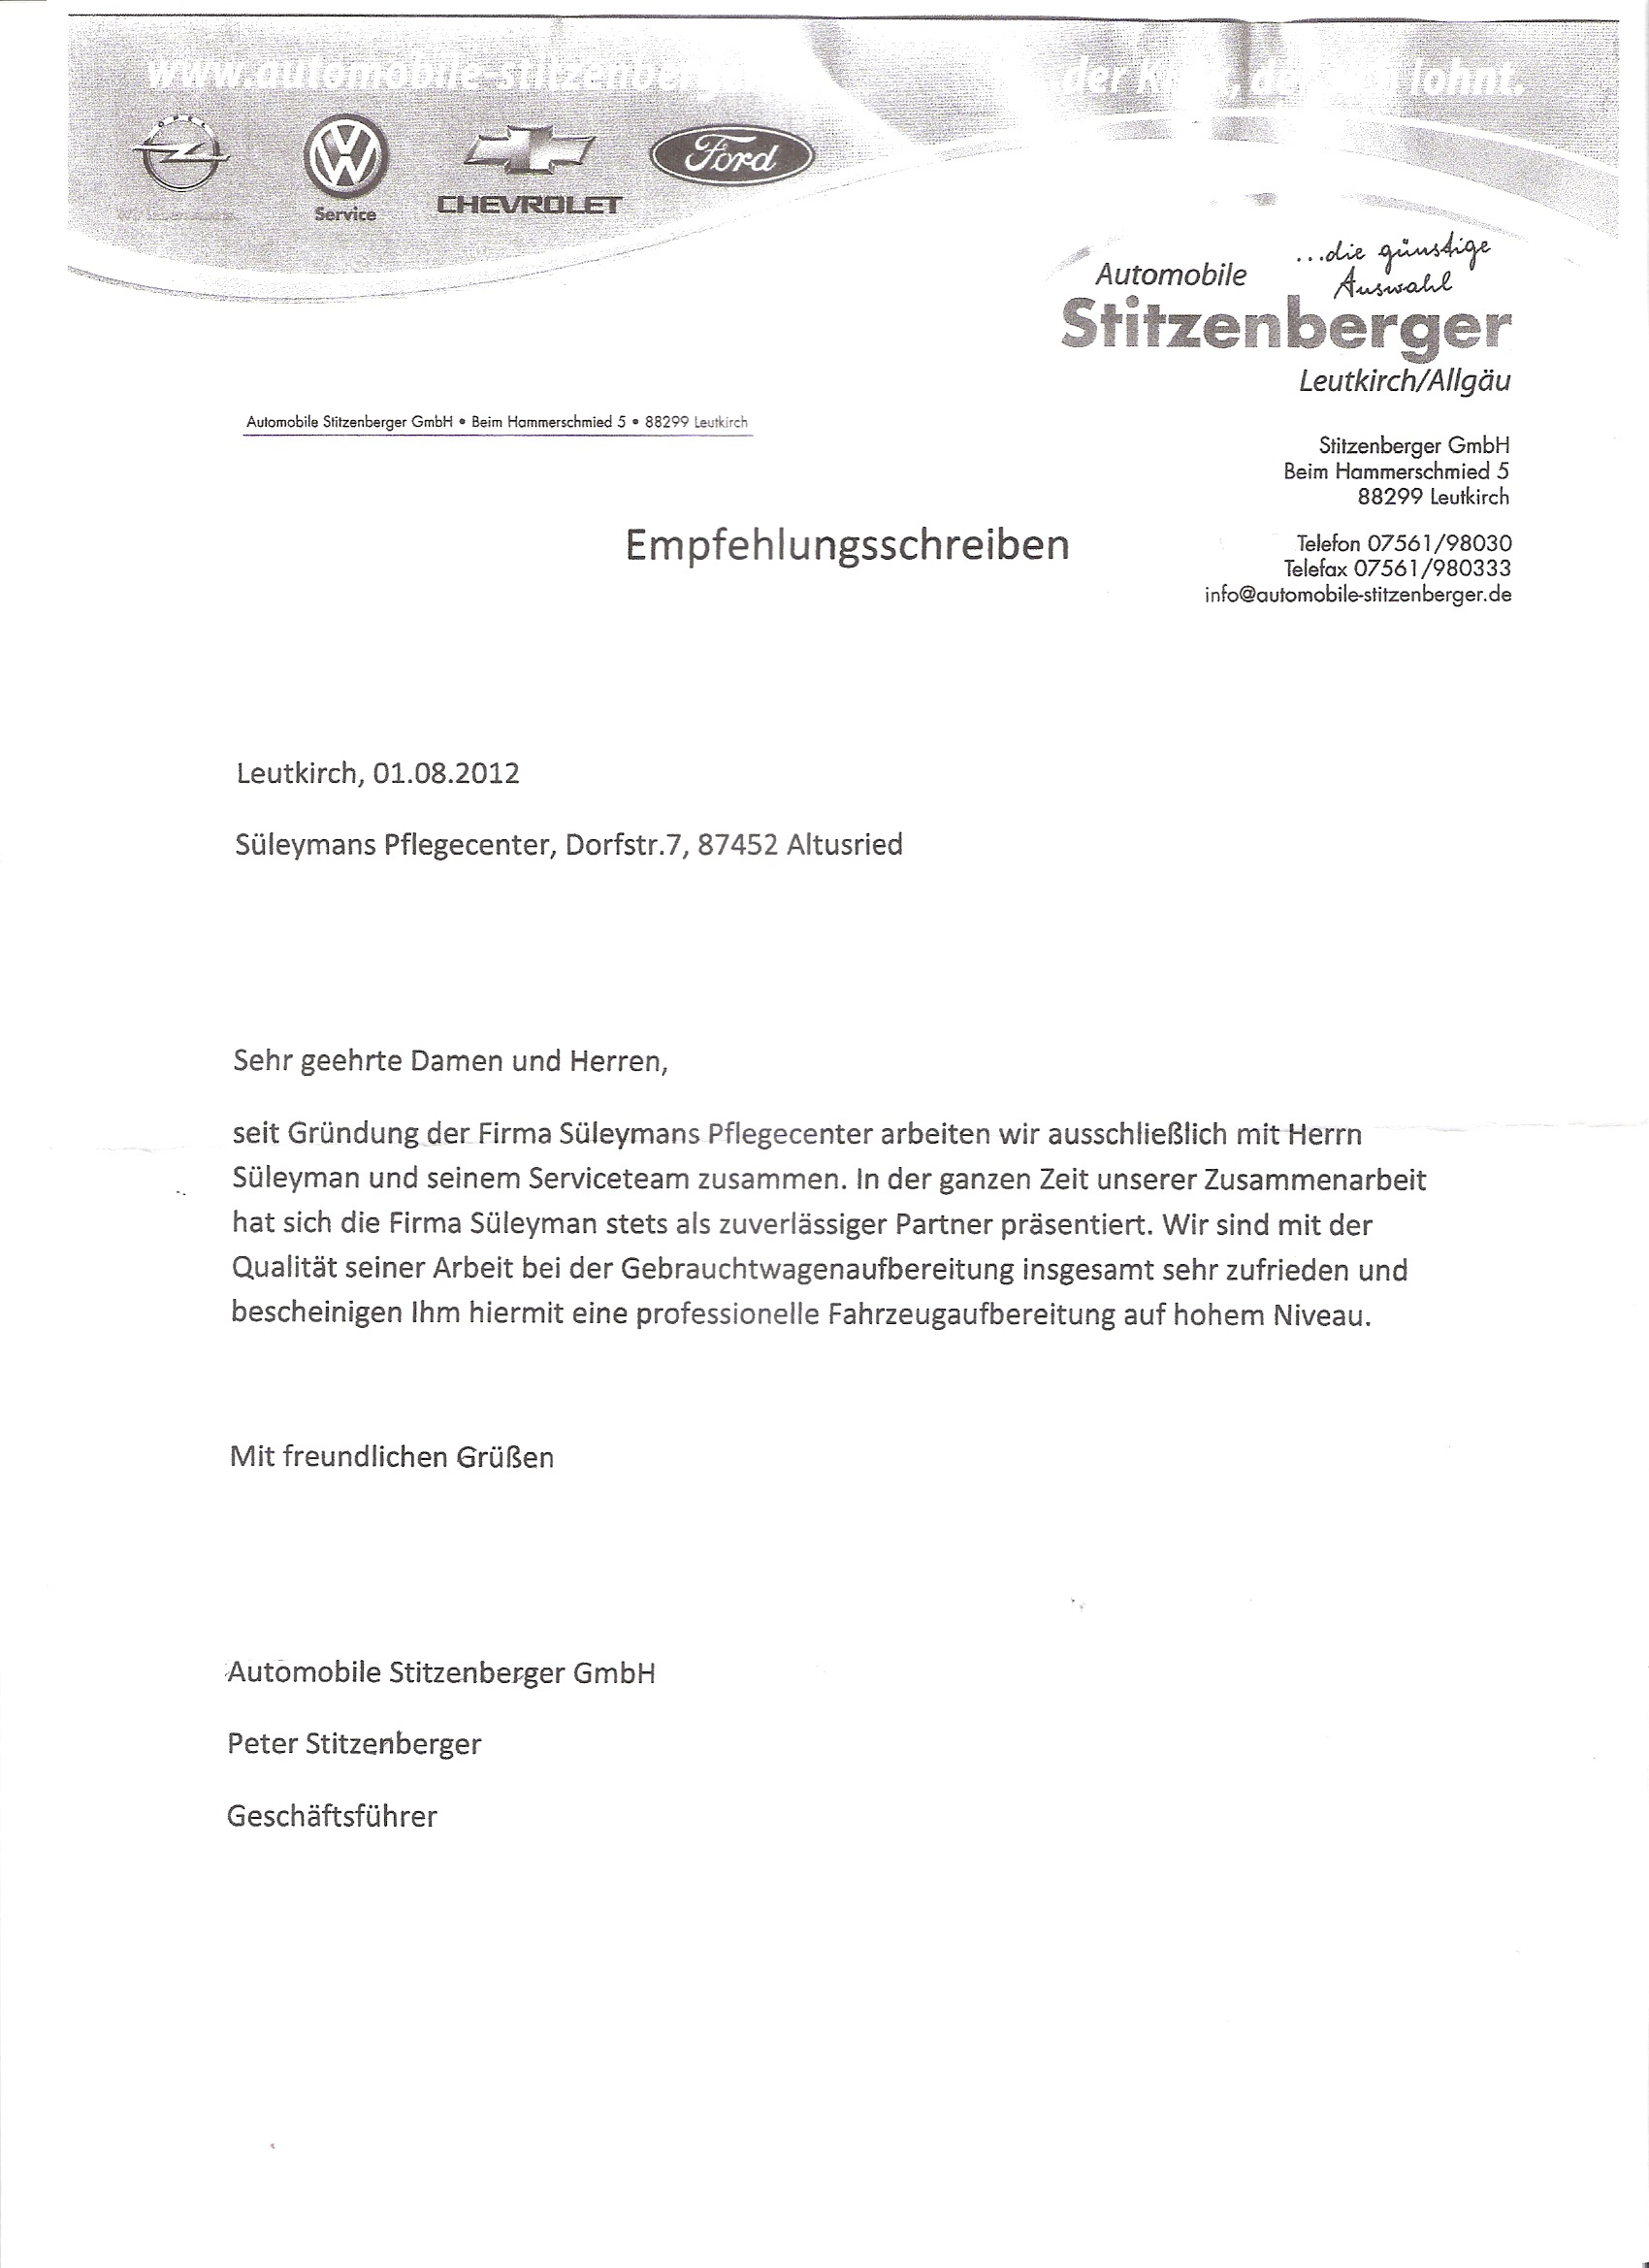 Empfehlungsschreiben-Stitzenberger